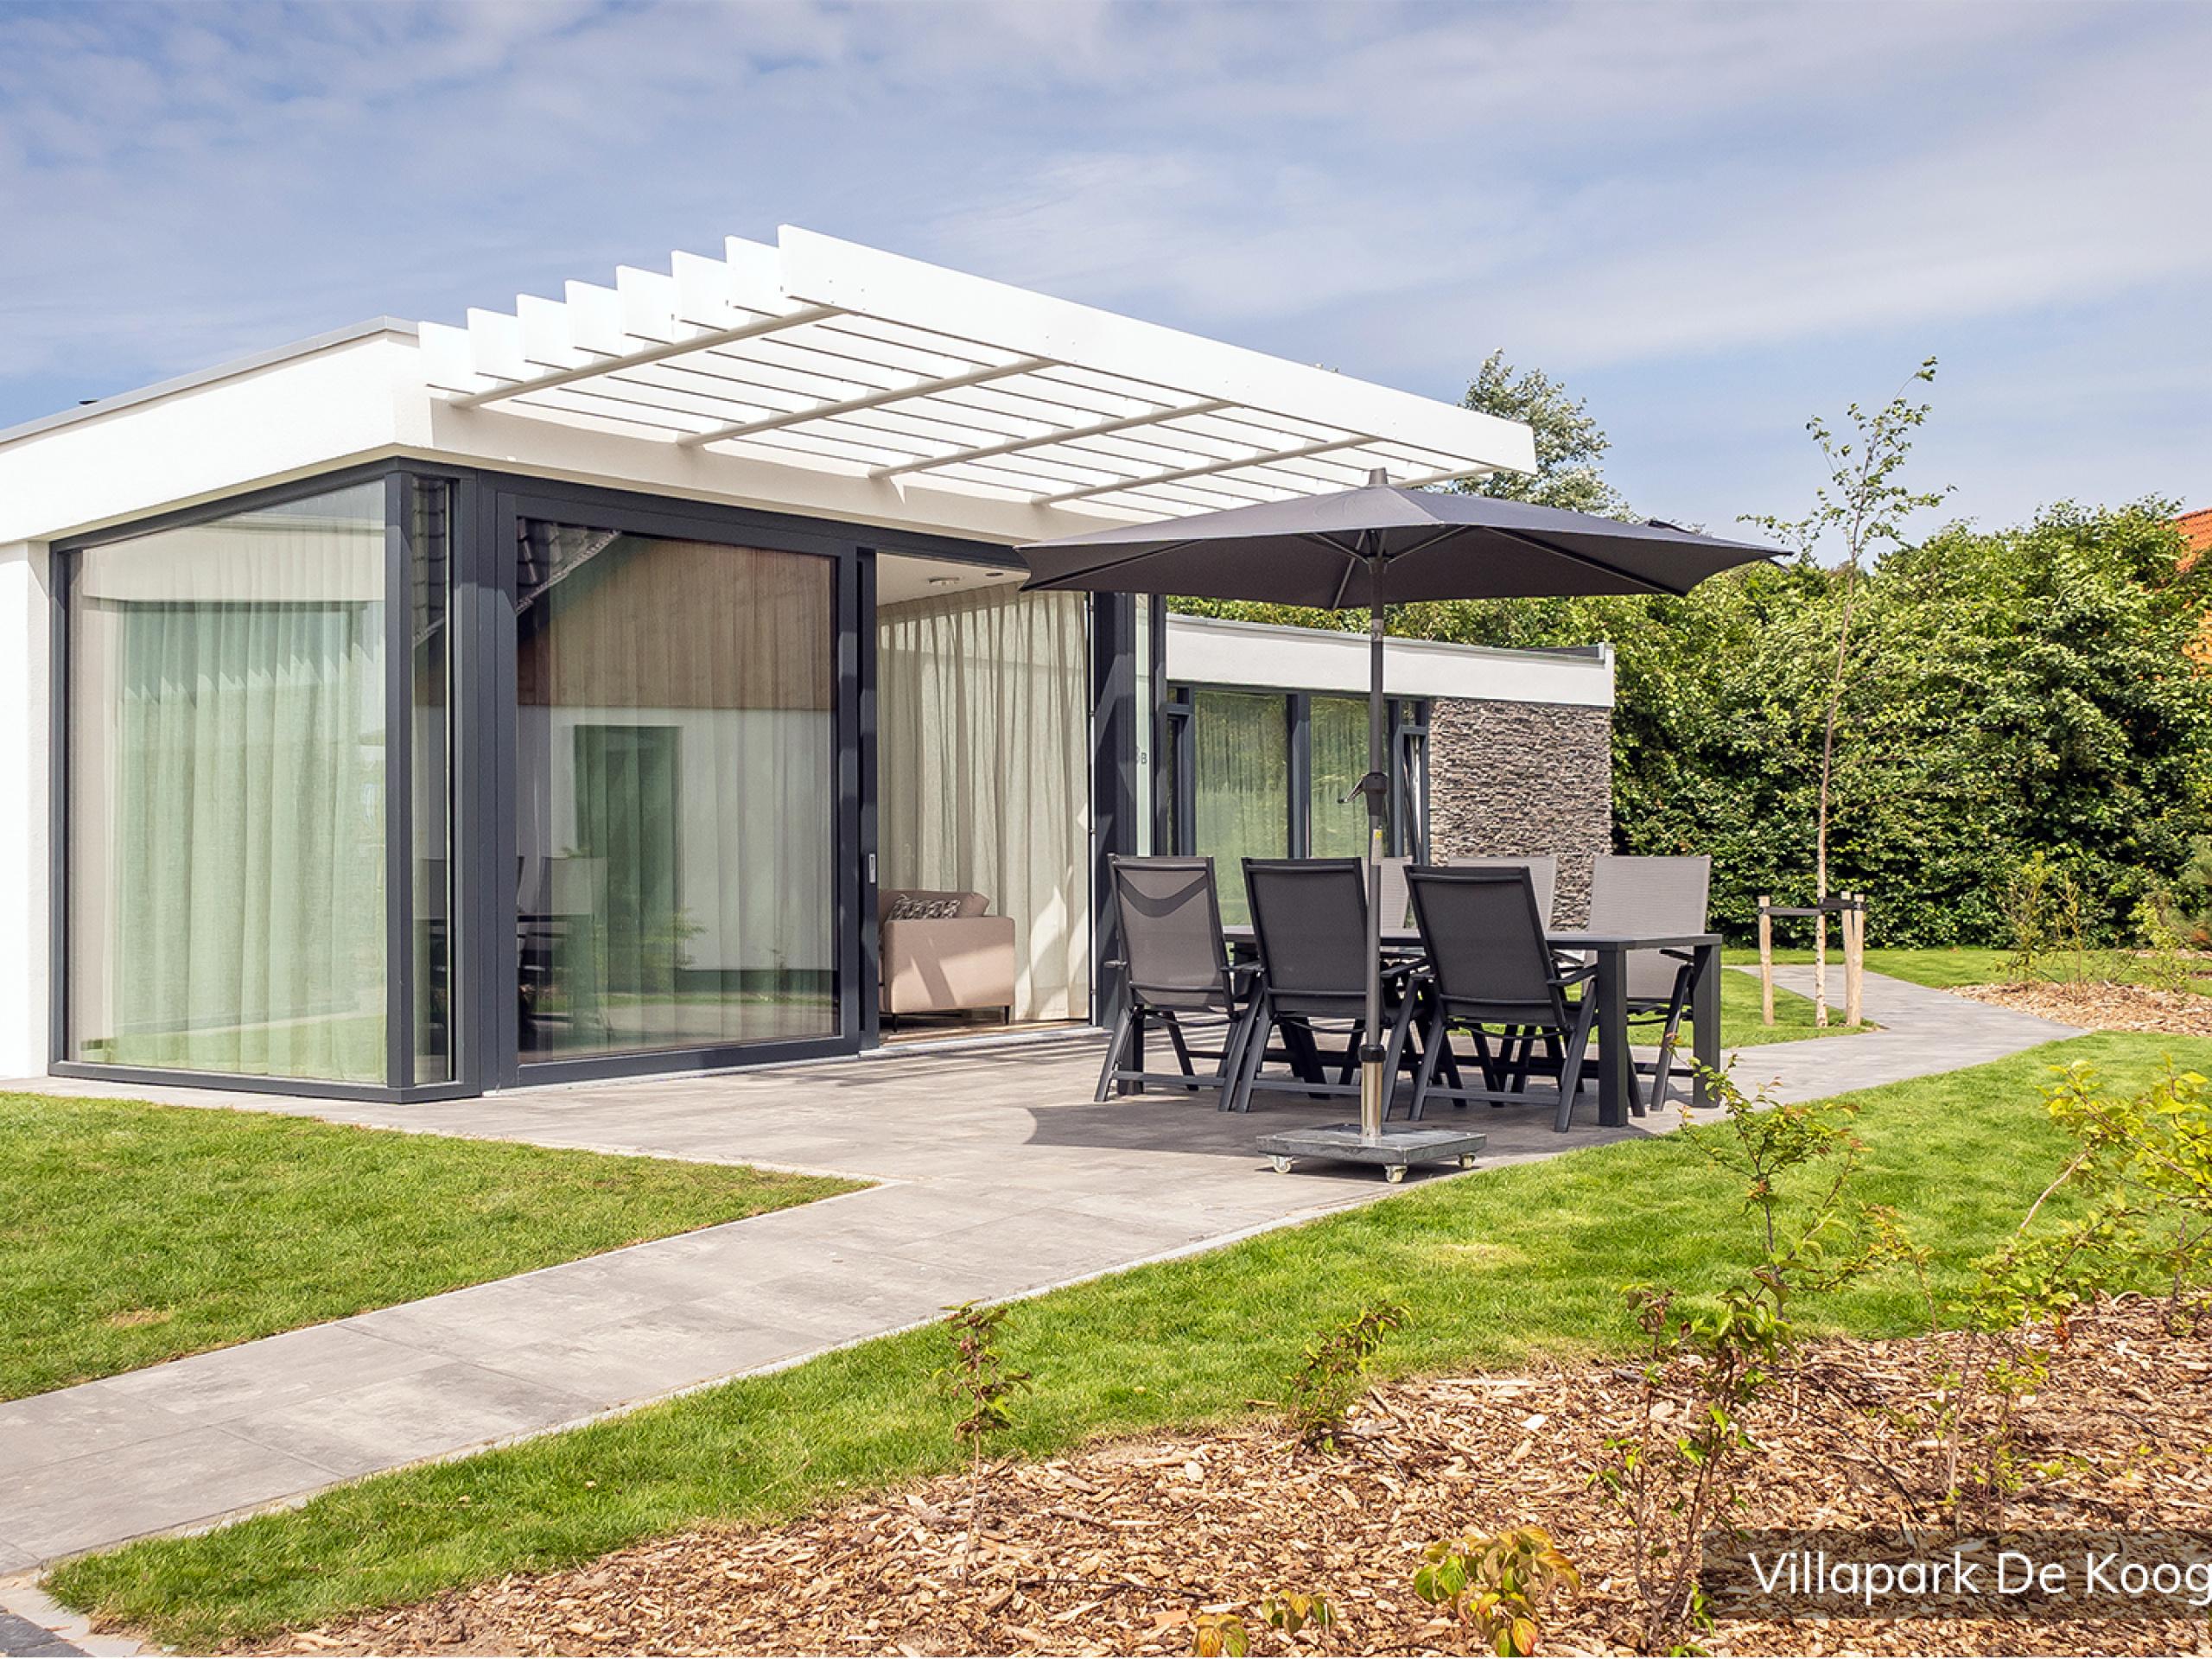 Luxury family villa for 4 people in a villa park in De Koog